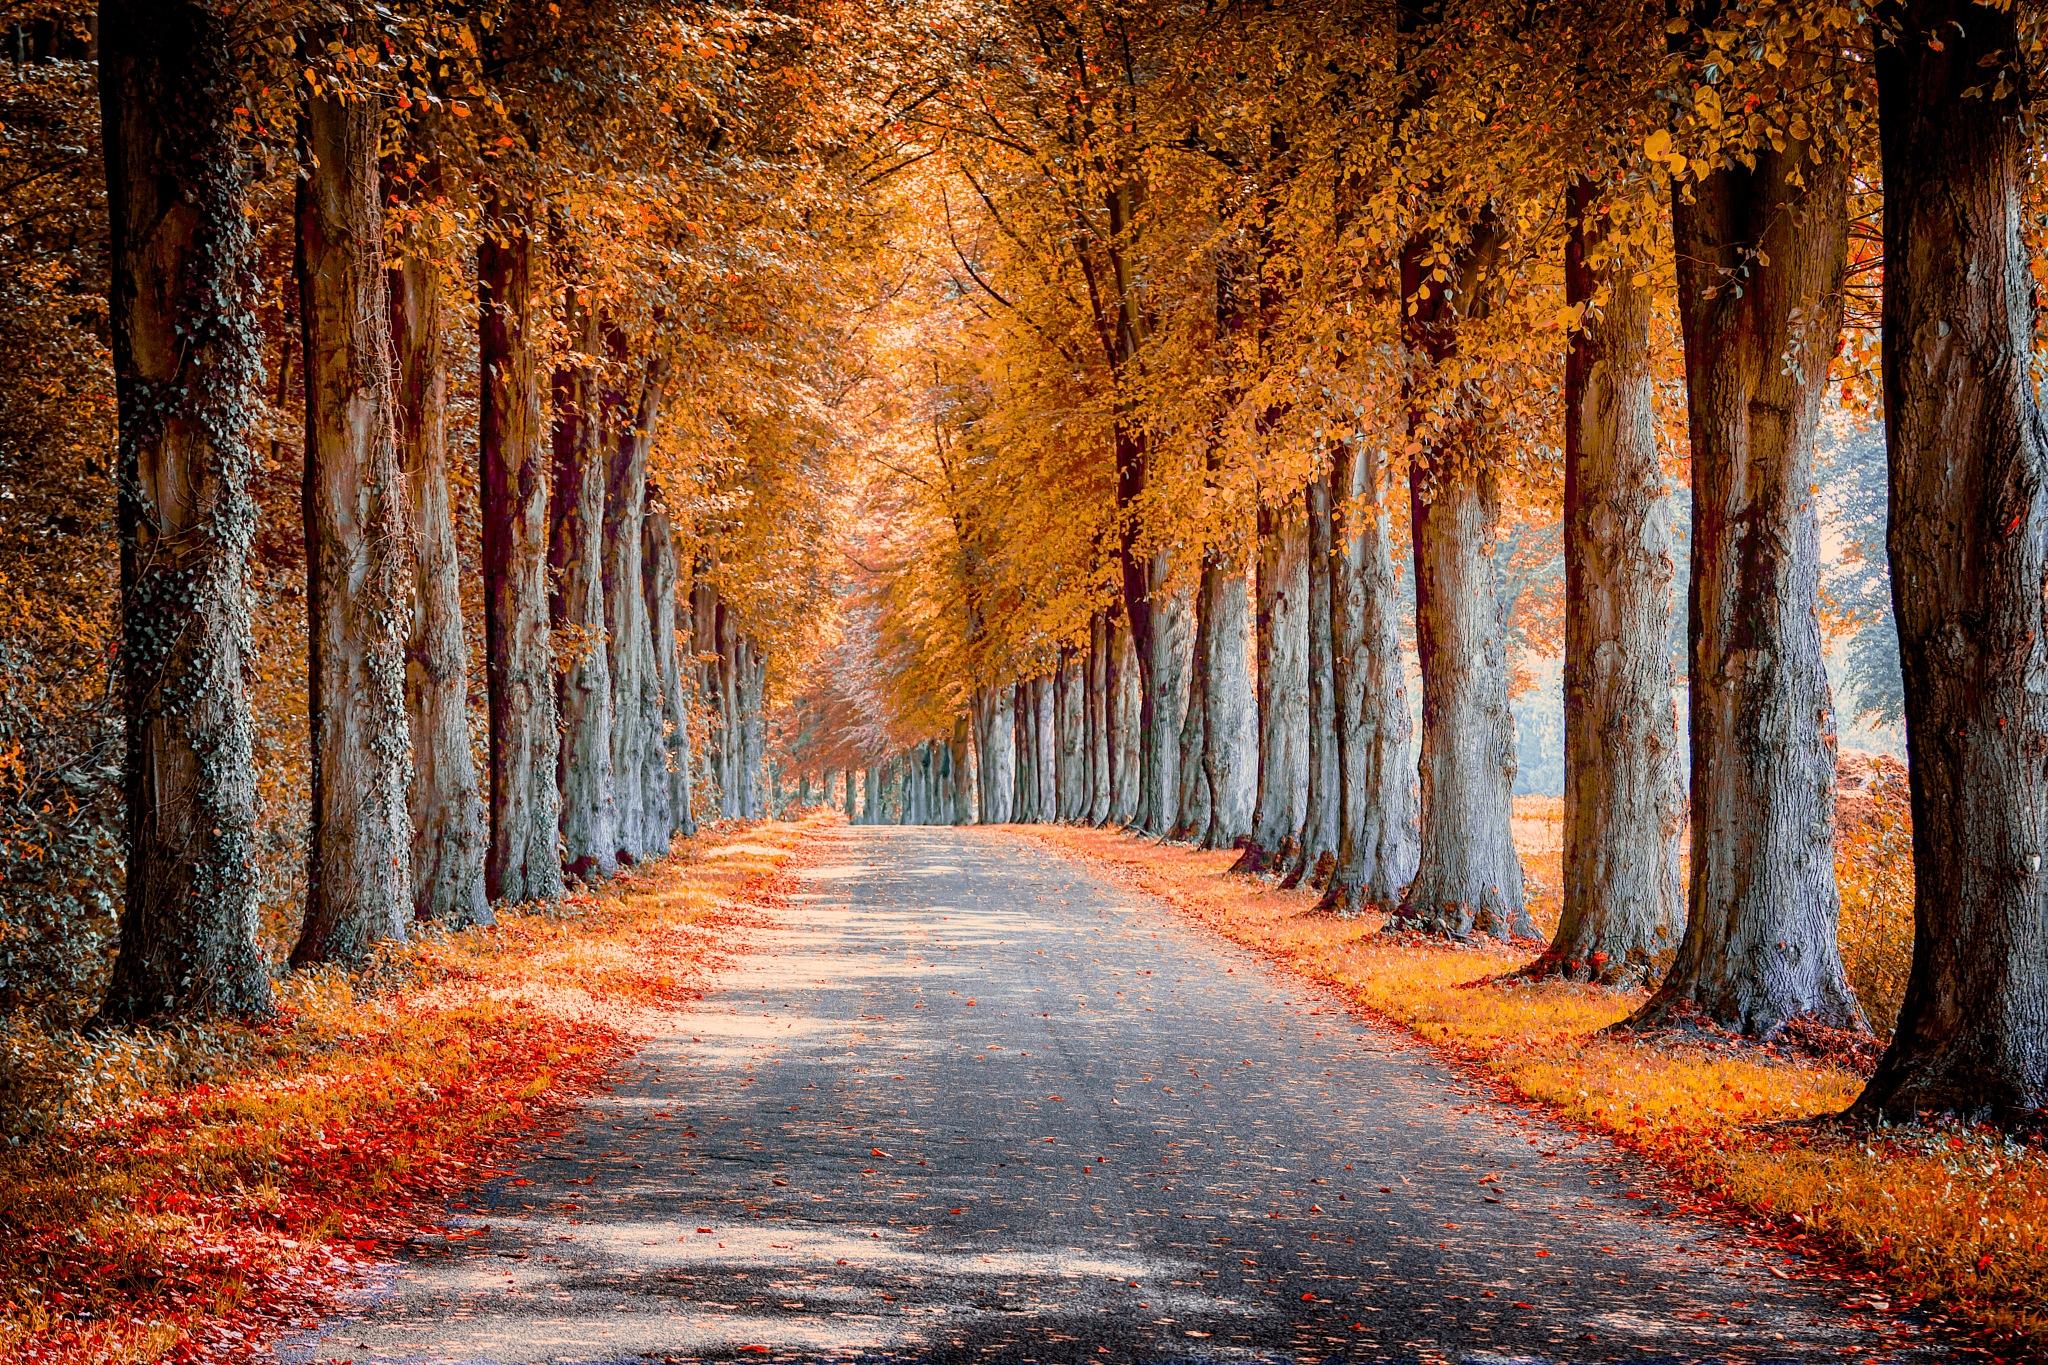 Autumn by micha.boeckling